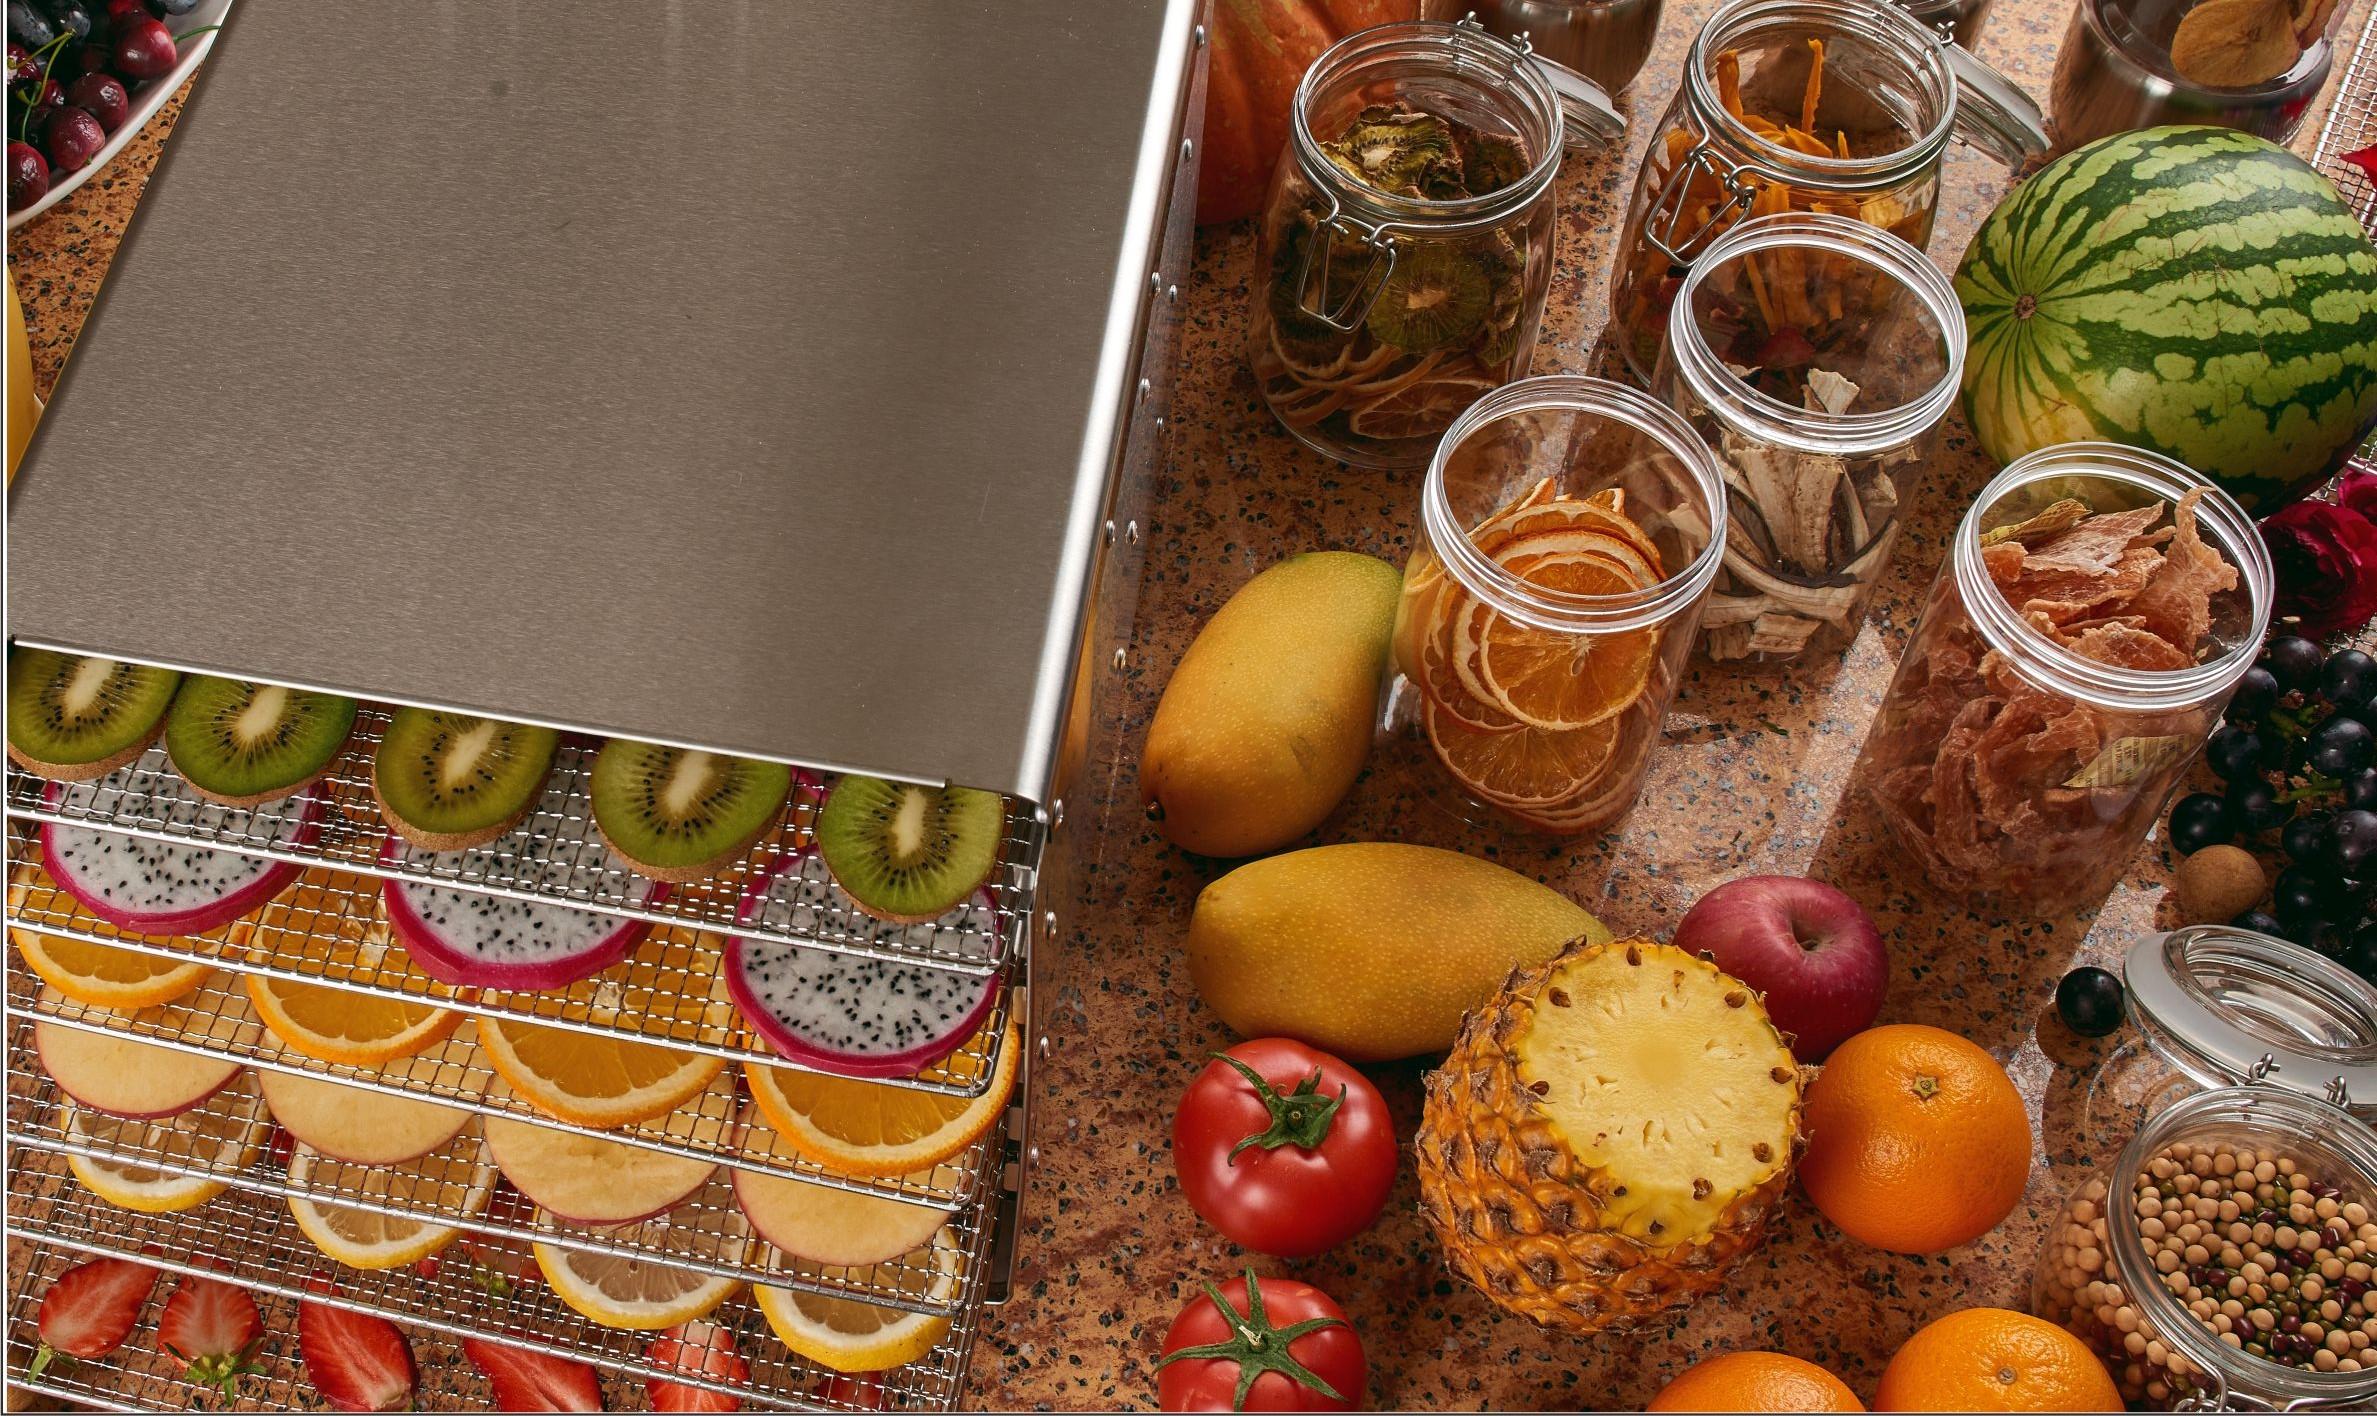 Deshidratoare    Aparate uscat fructe si legume